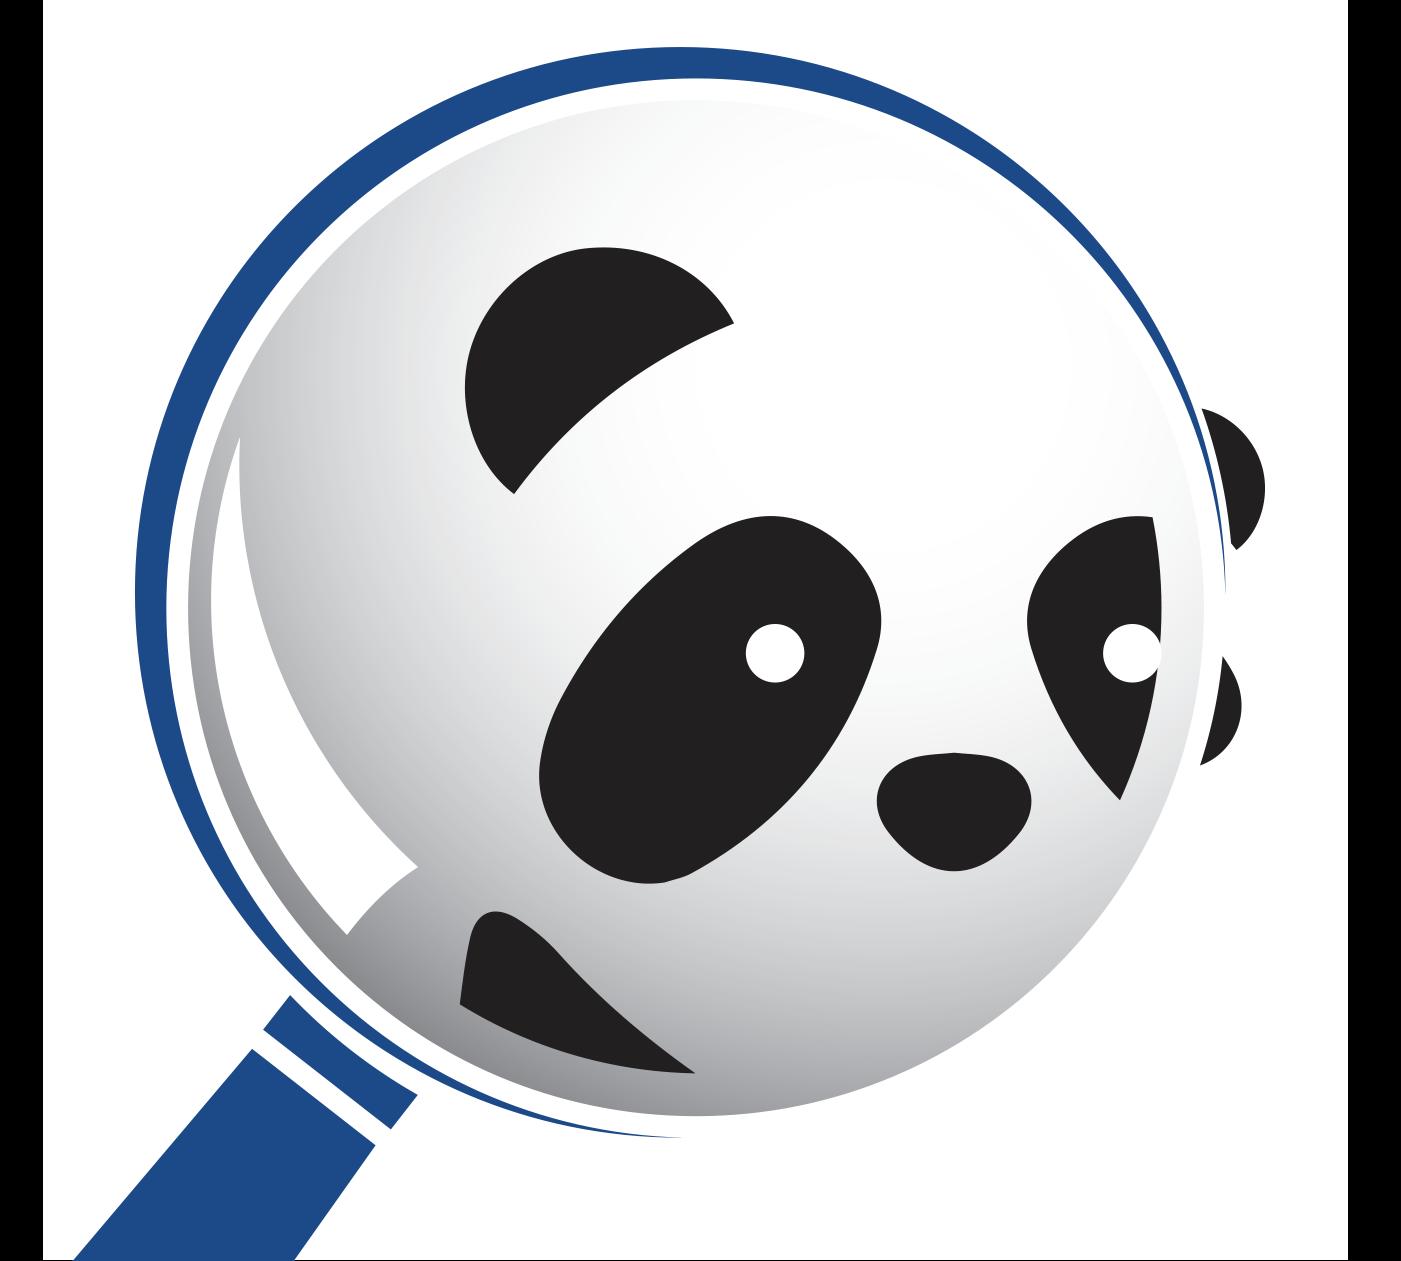 Trouvez le Panda 🐼